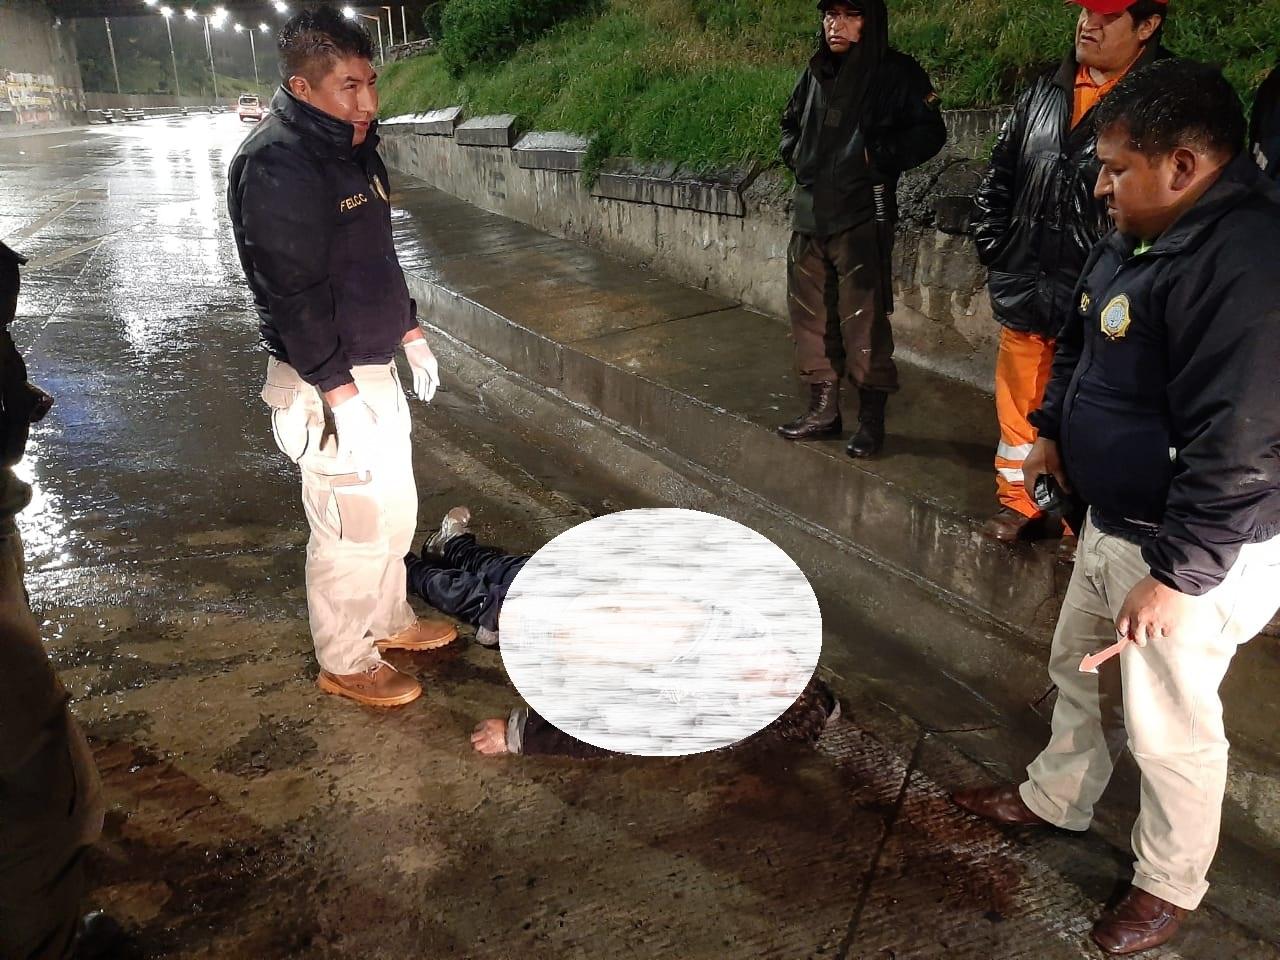 El cuerpo sin vida fue encontrado muy cerca de la terminal de buses de La Paz / FELCC